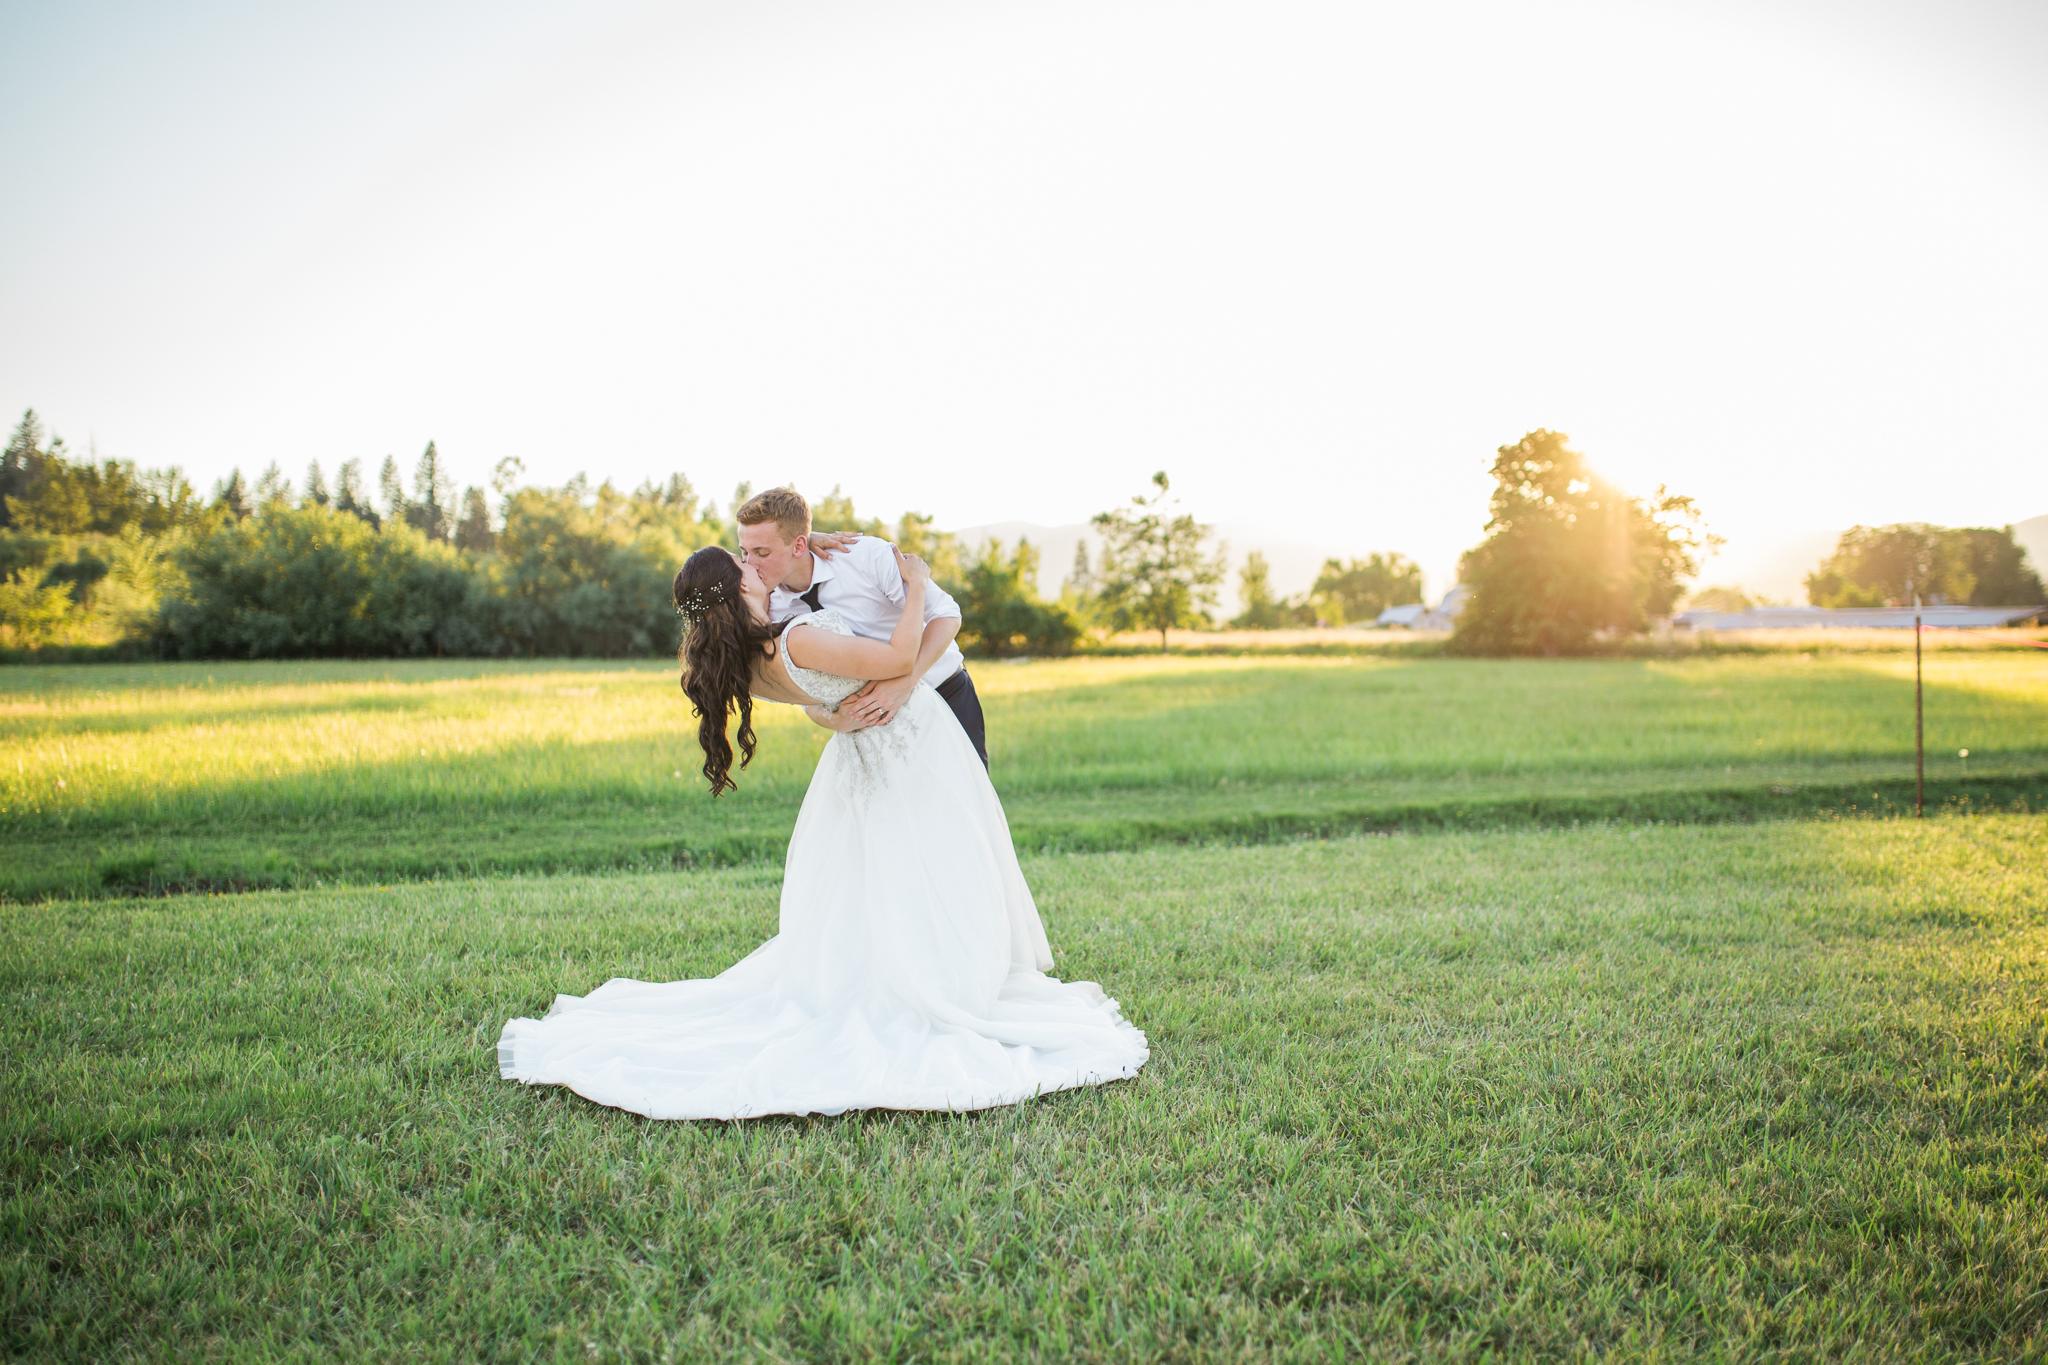 Bride and groom dip oregon wedding .jpg